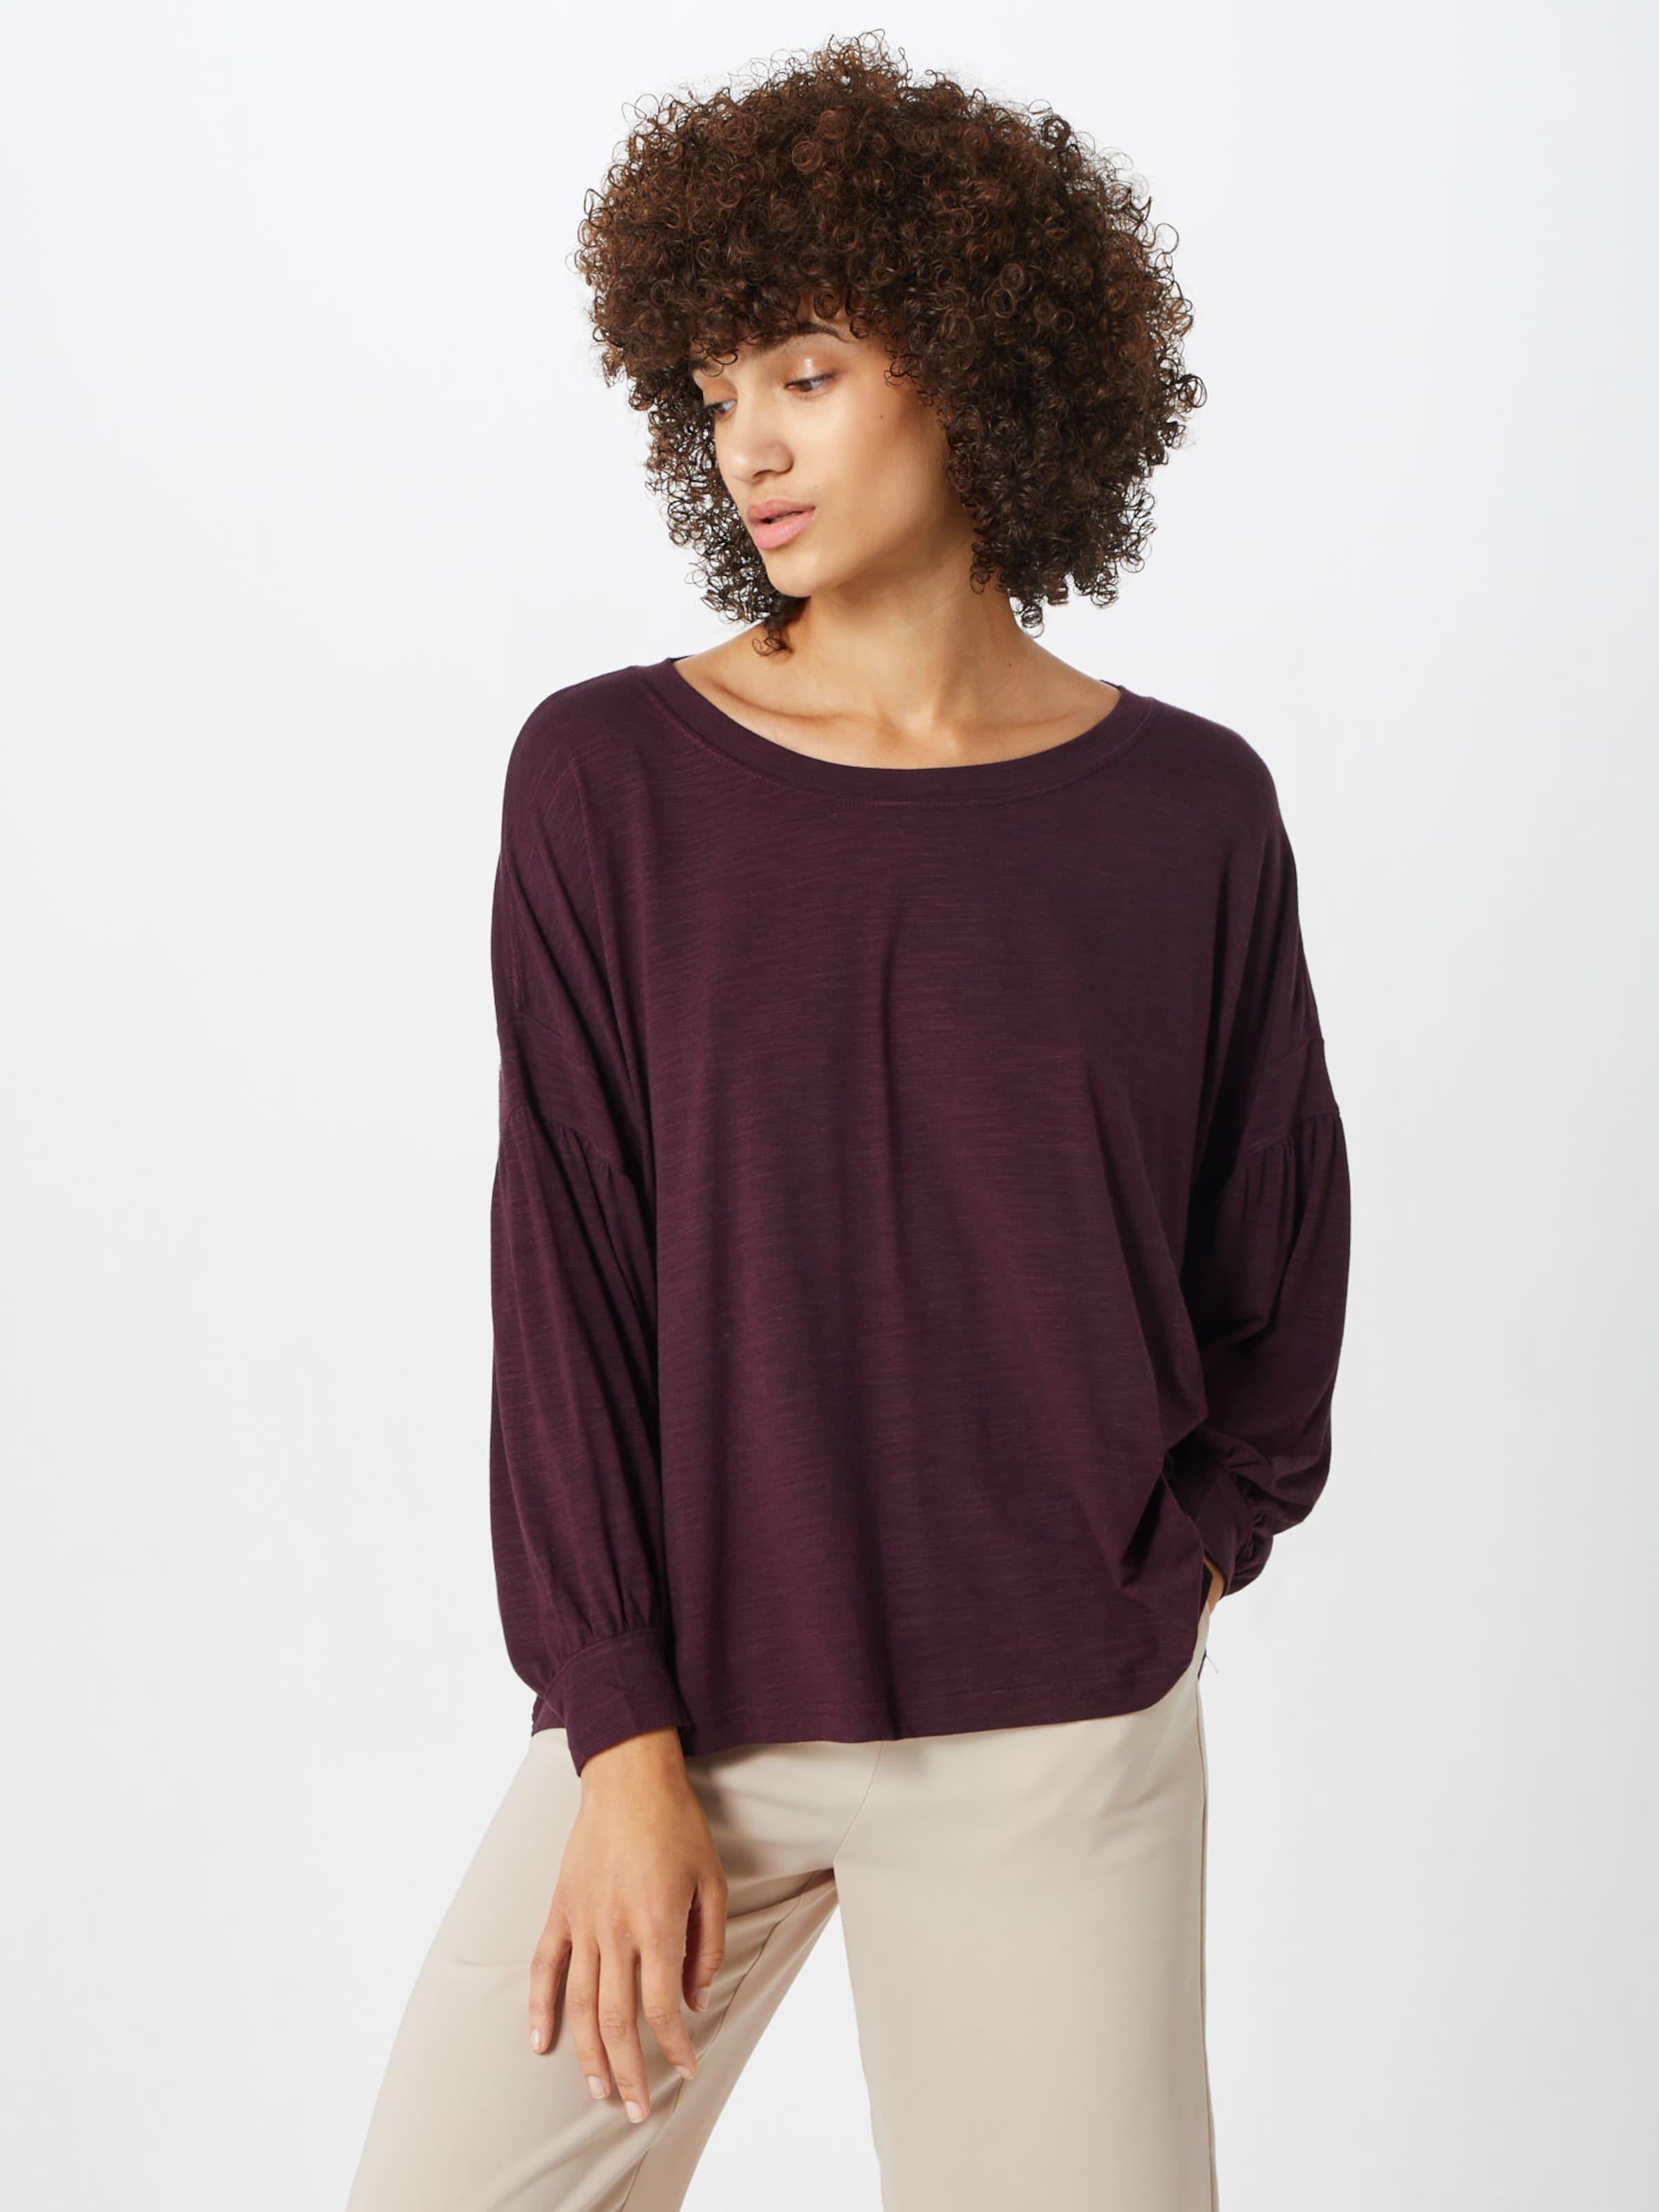 'ls Slv shirt Top' Bourgogne Vlm En Gap T 4ARjL5